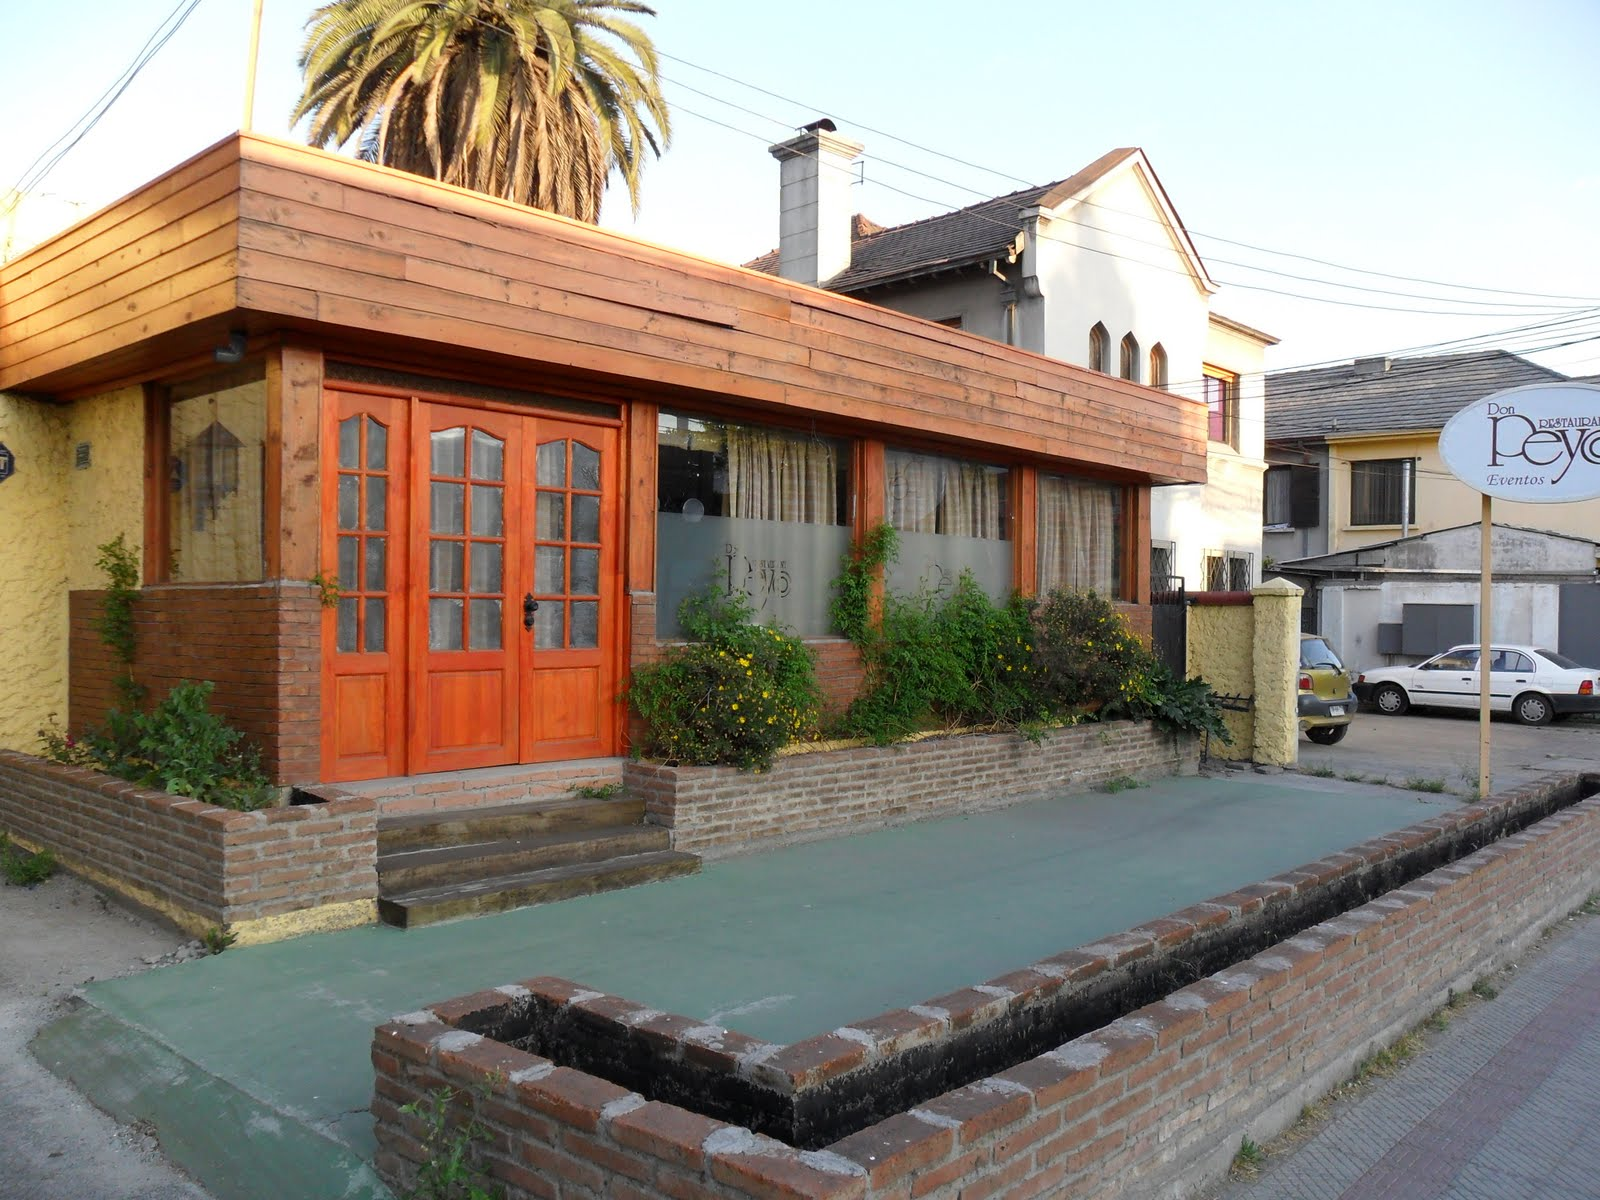 La colmena las casas de santiago de chile for Casas en chile santiago